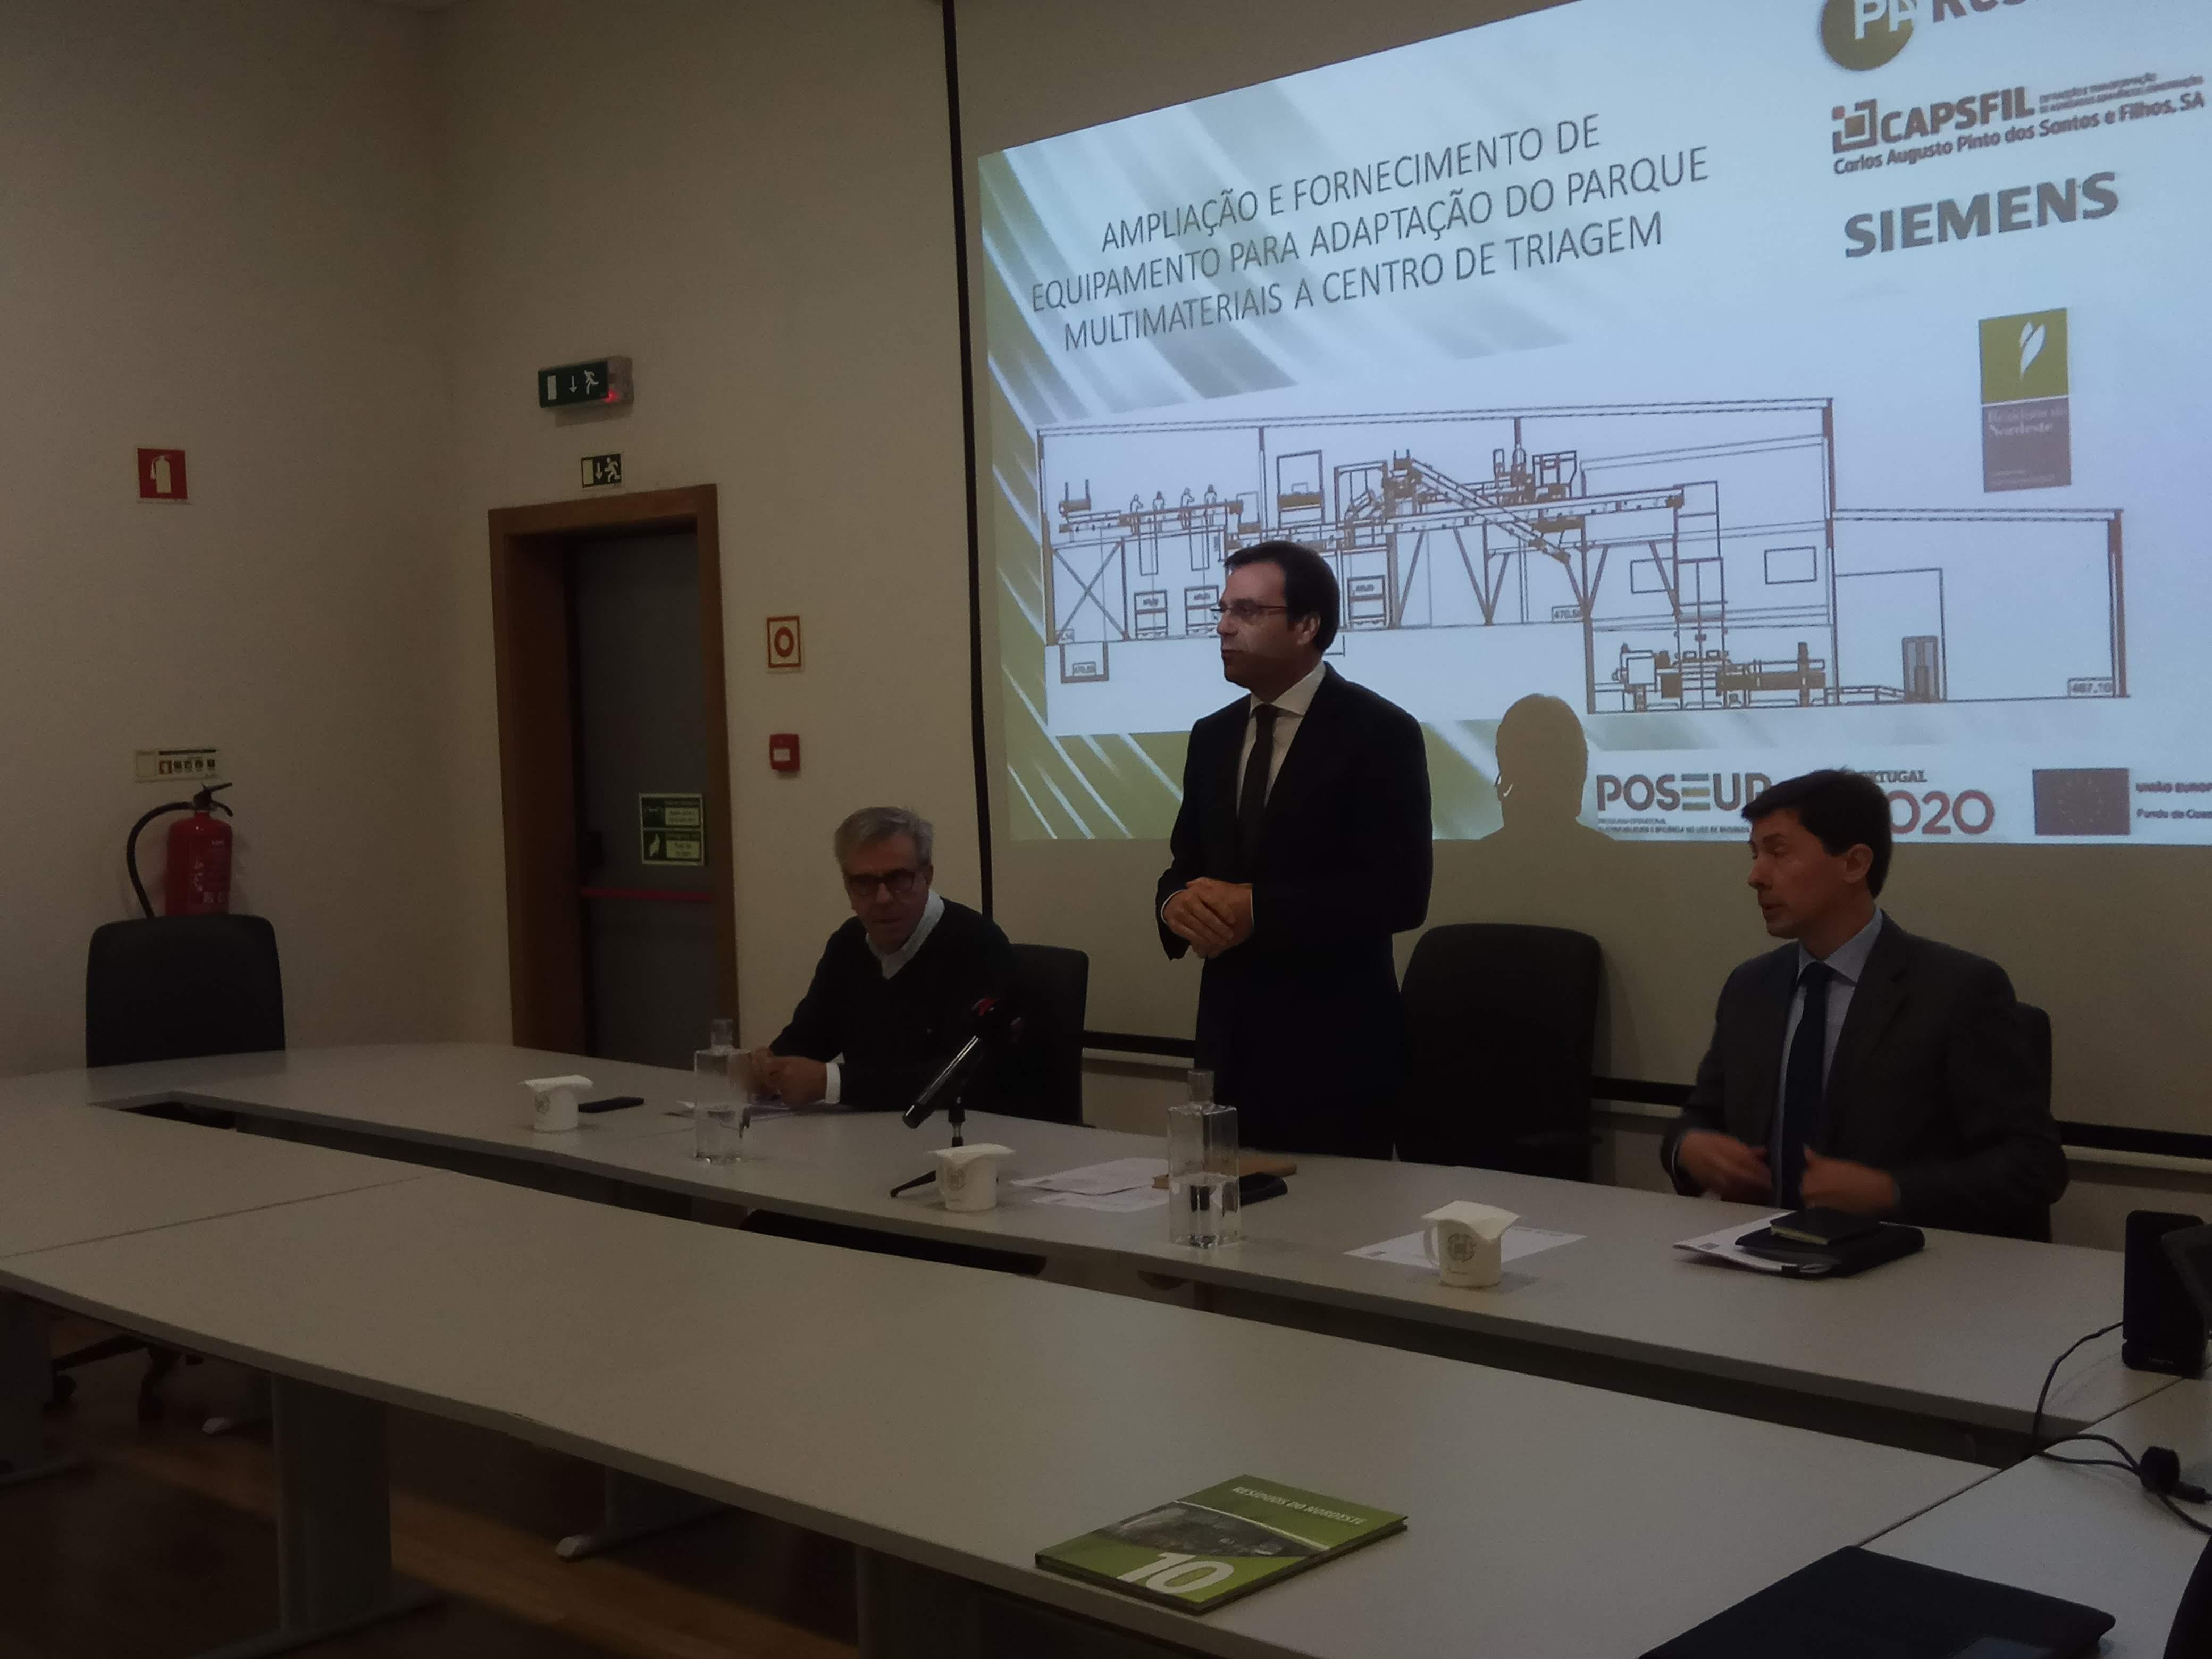 Resíduos do Nordeste investe cerca de dois milhões de euros em centro de triagem